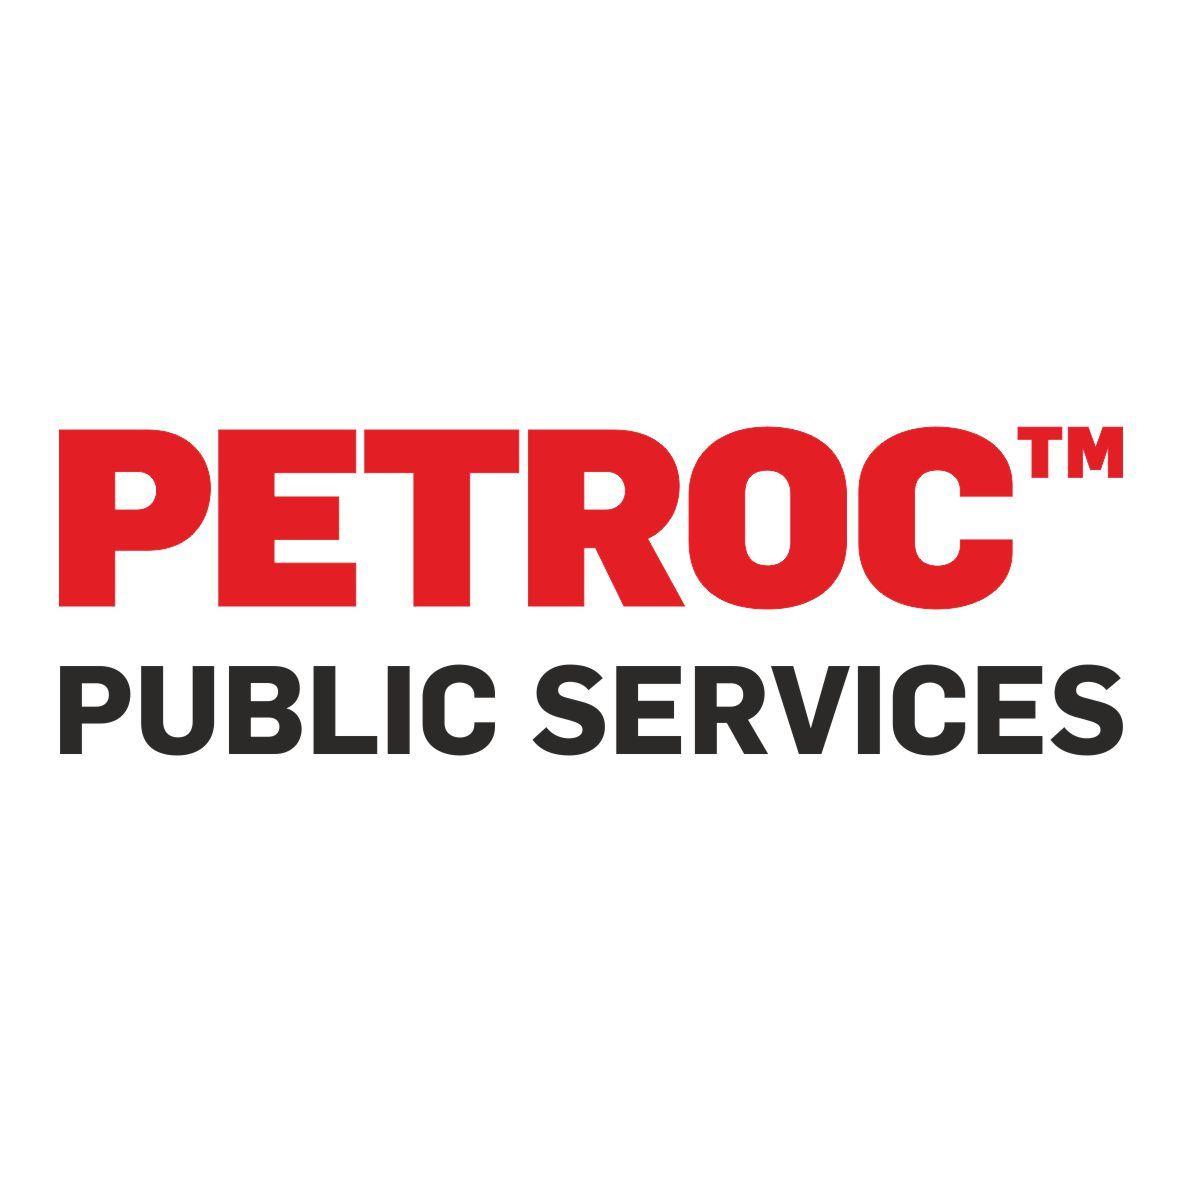 Petroc Public Services